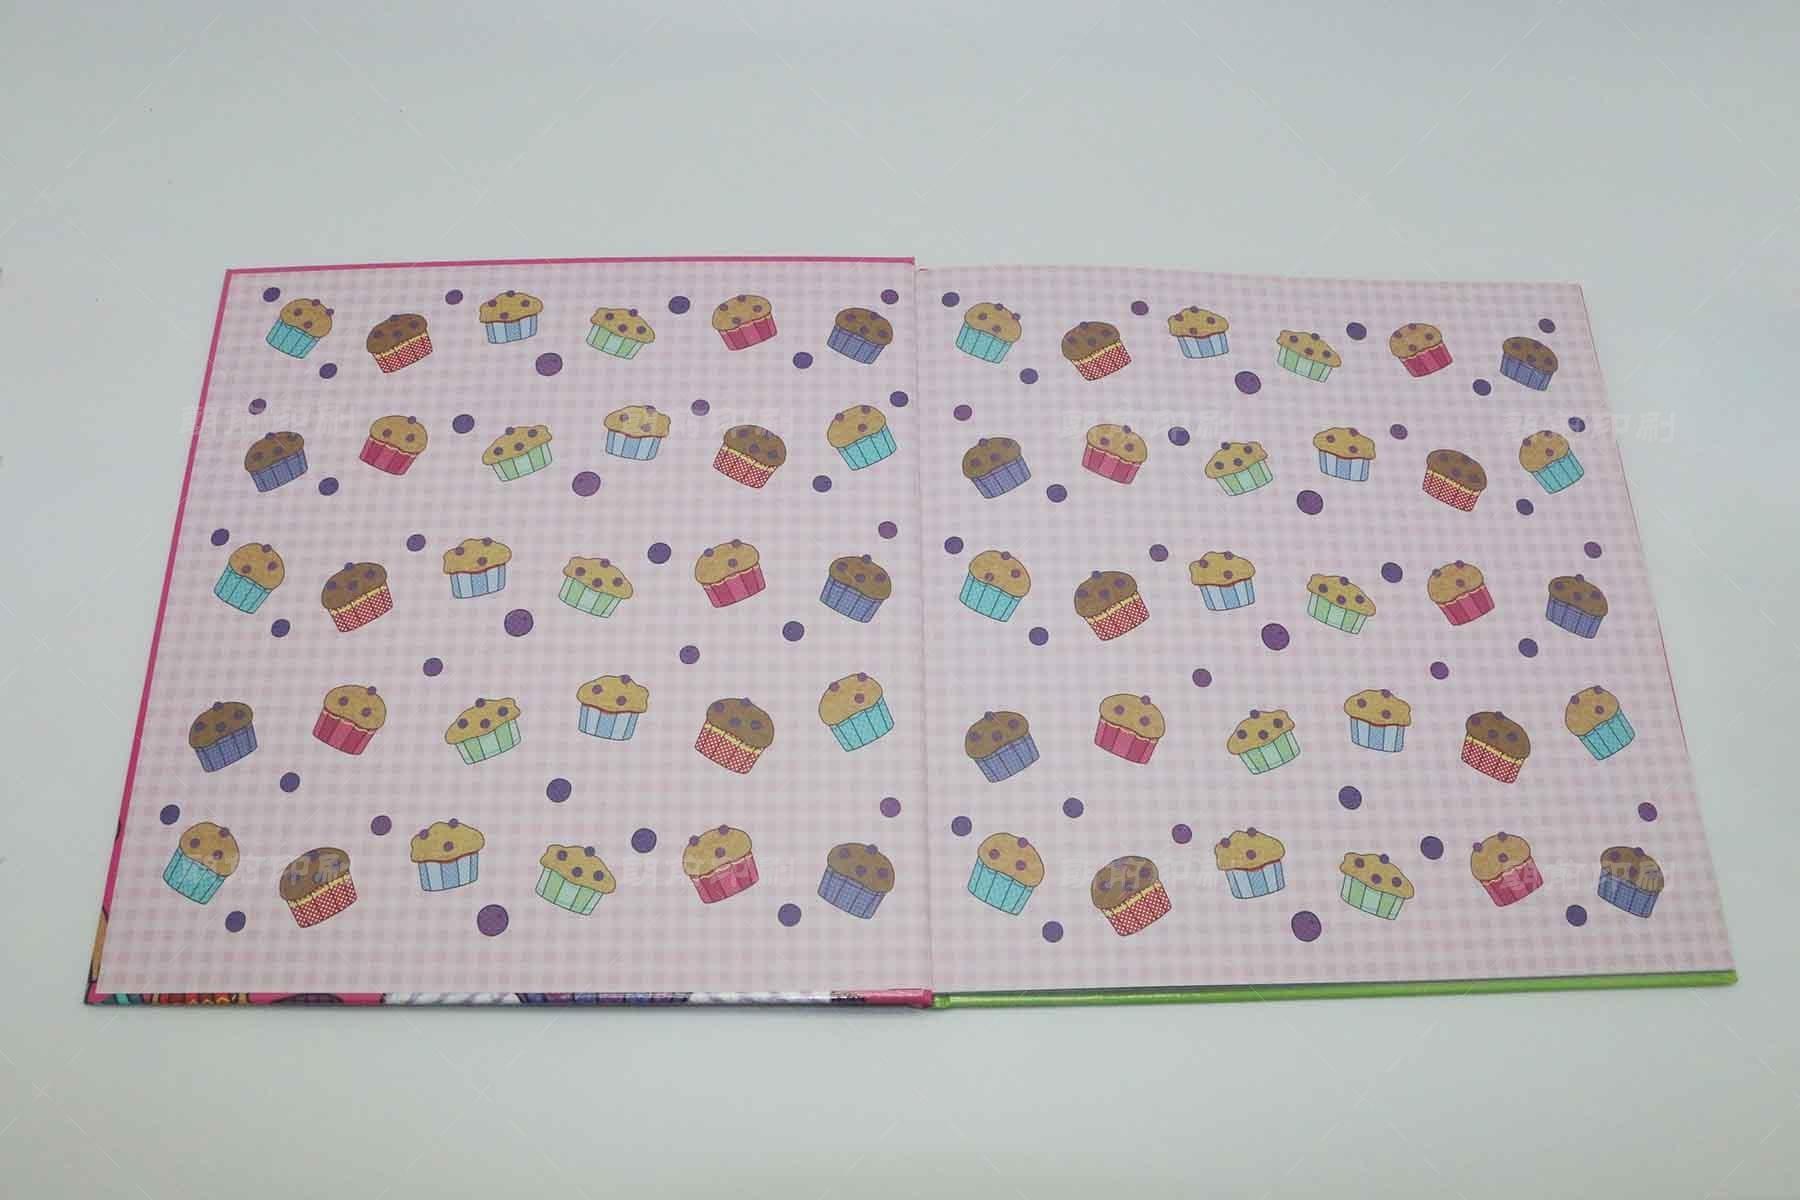 广州公司画册设计印刷厂家 广州画册设计印刷收费